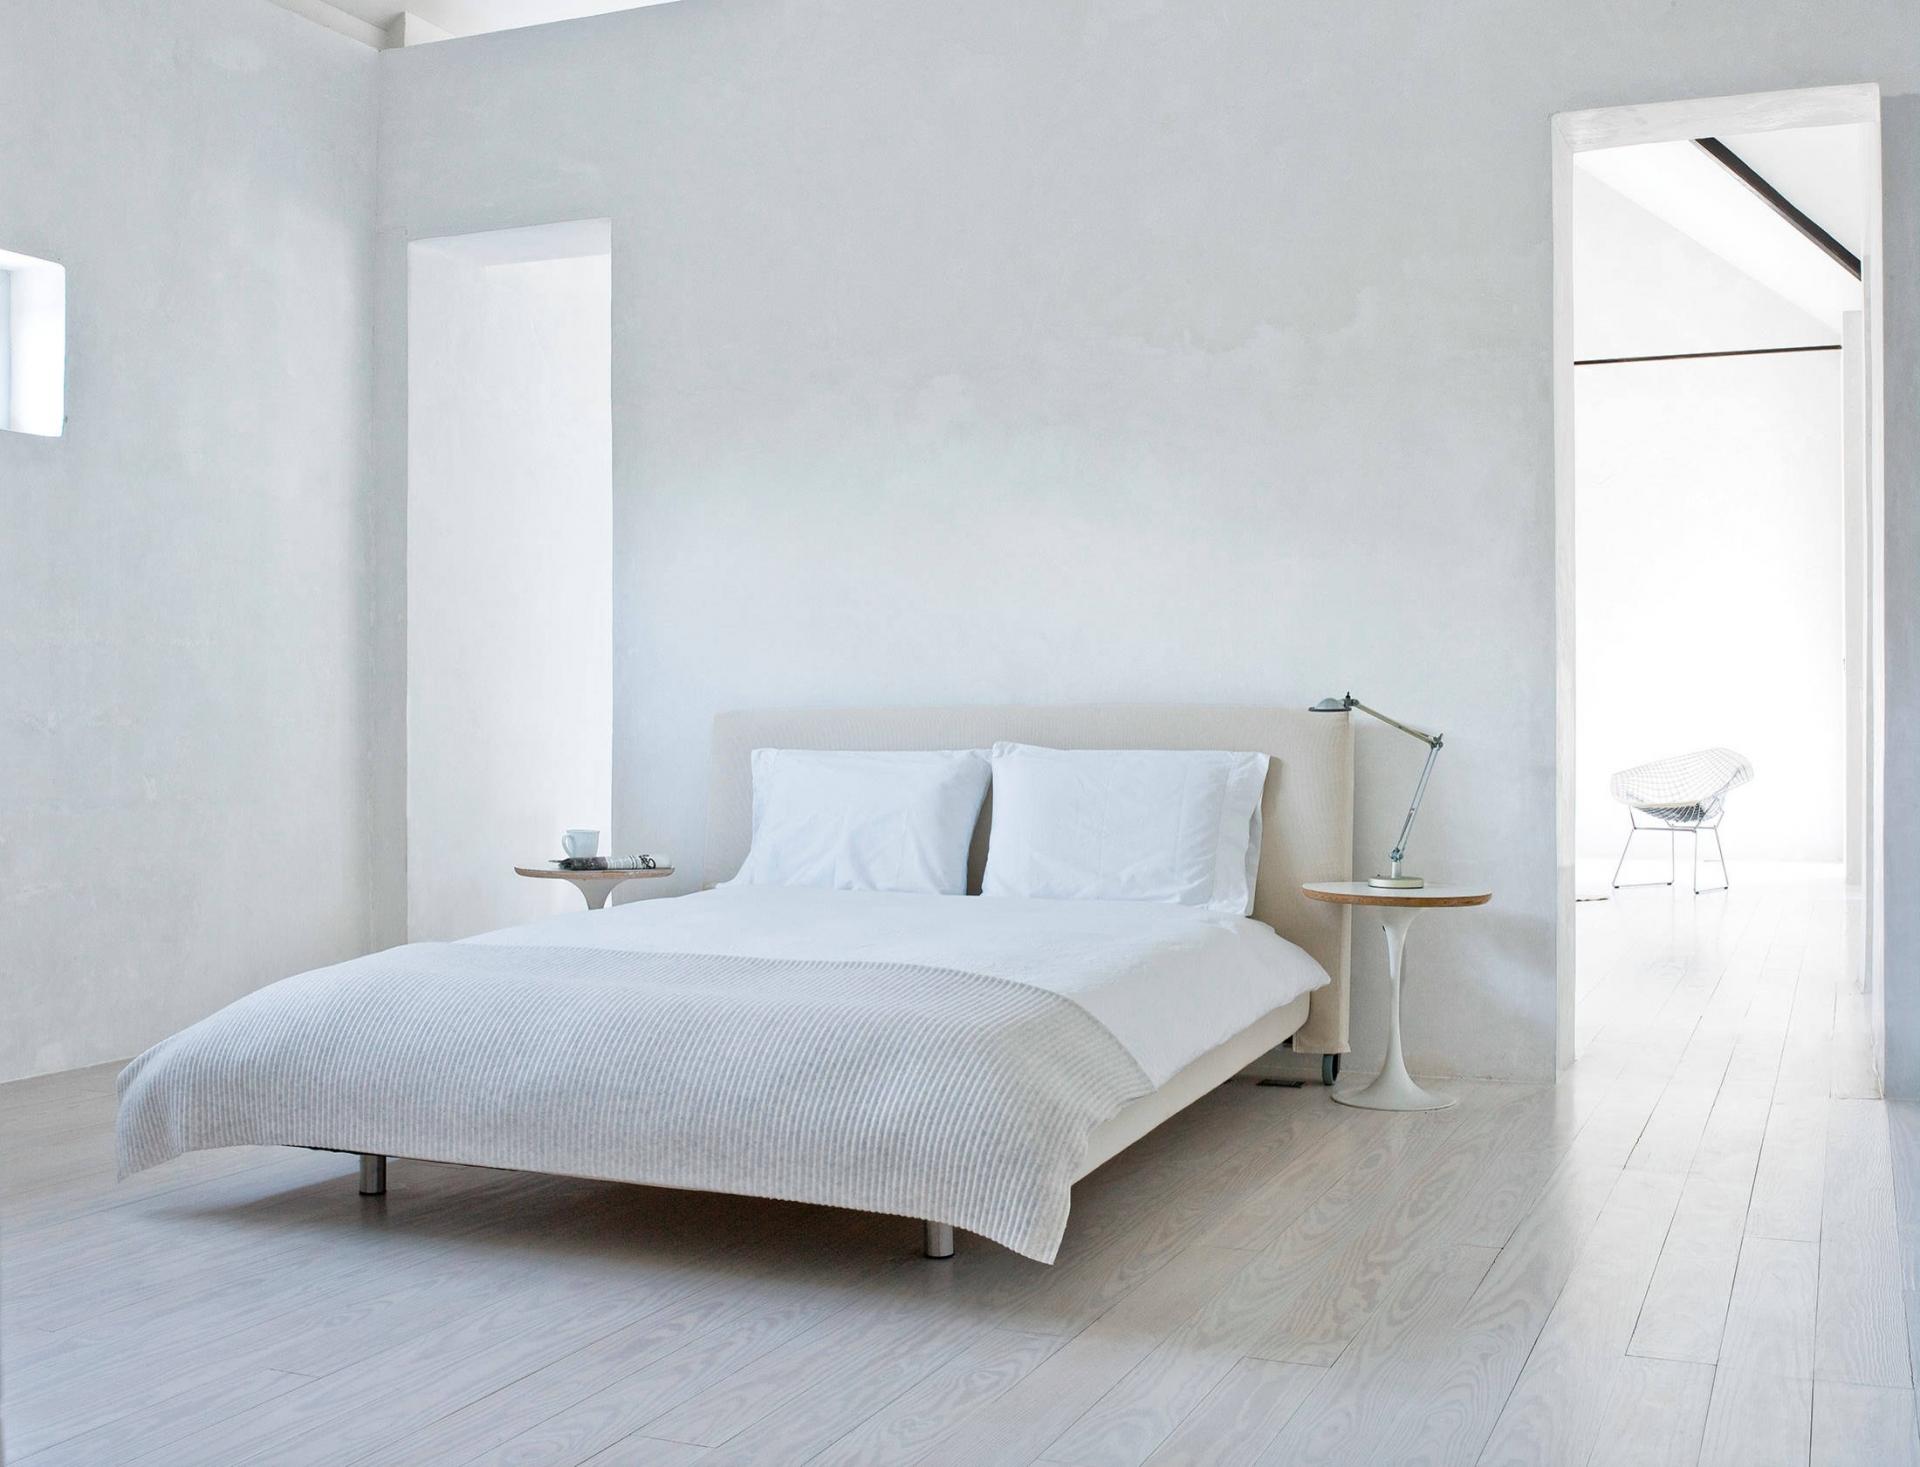 Бело-бежевая спальня в стиле минимализм